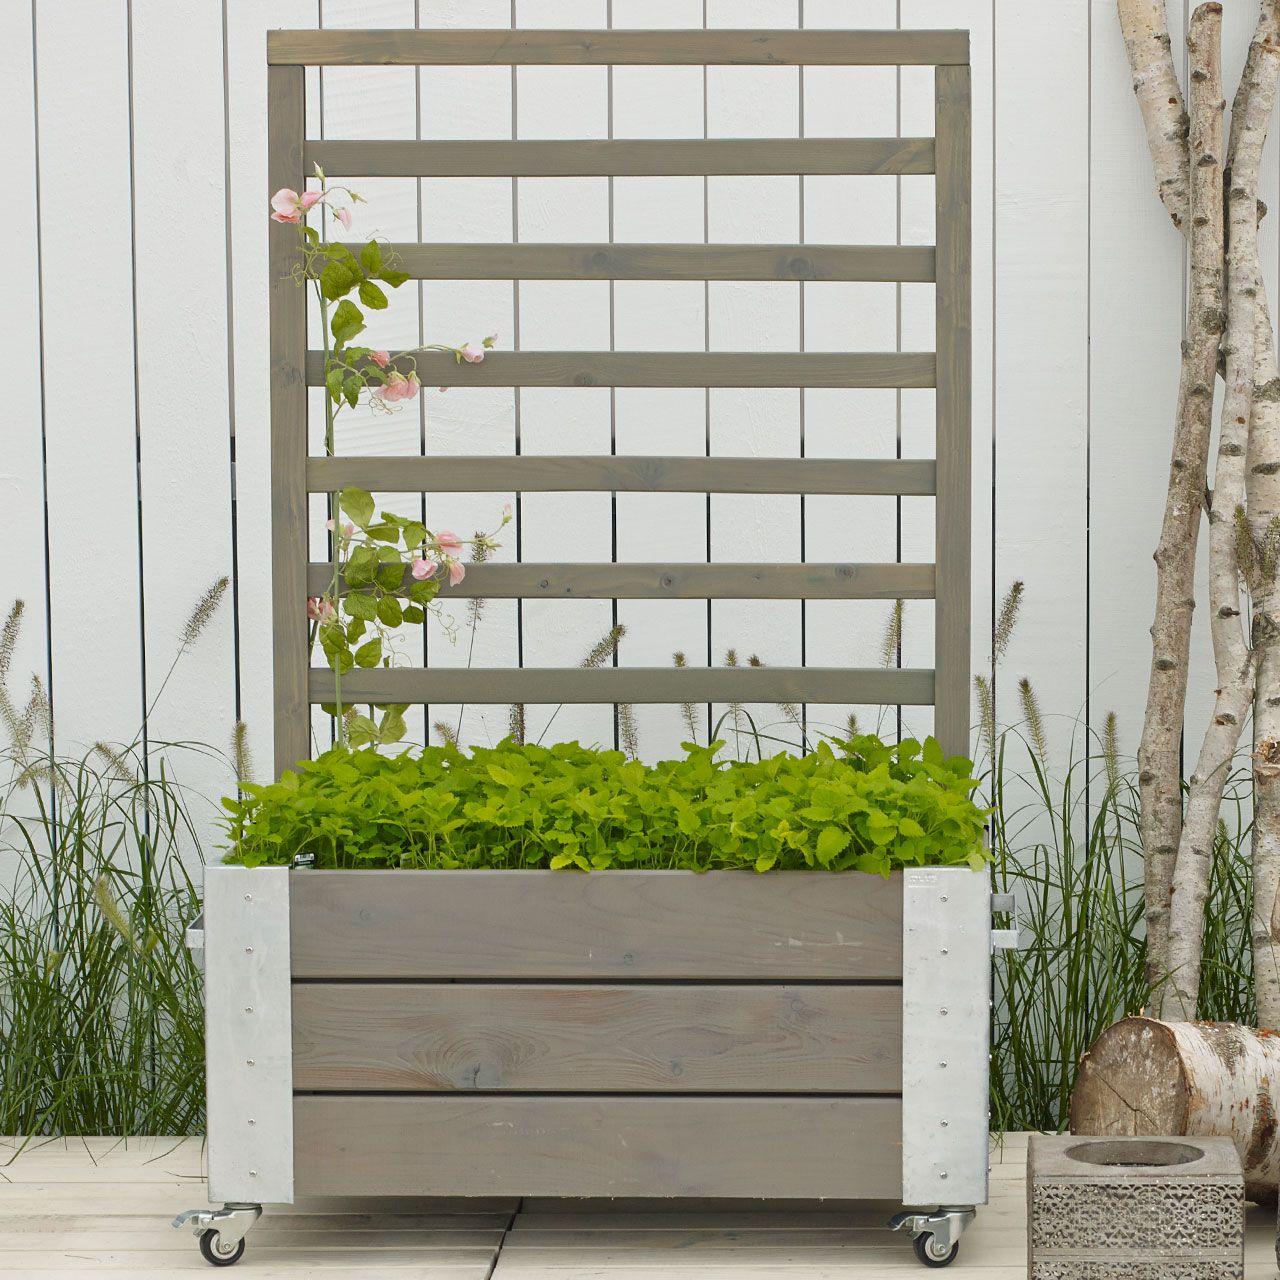 Mobiler sichtschutz im garten - Gartengestaltung trennwande ...